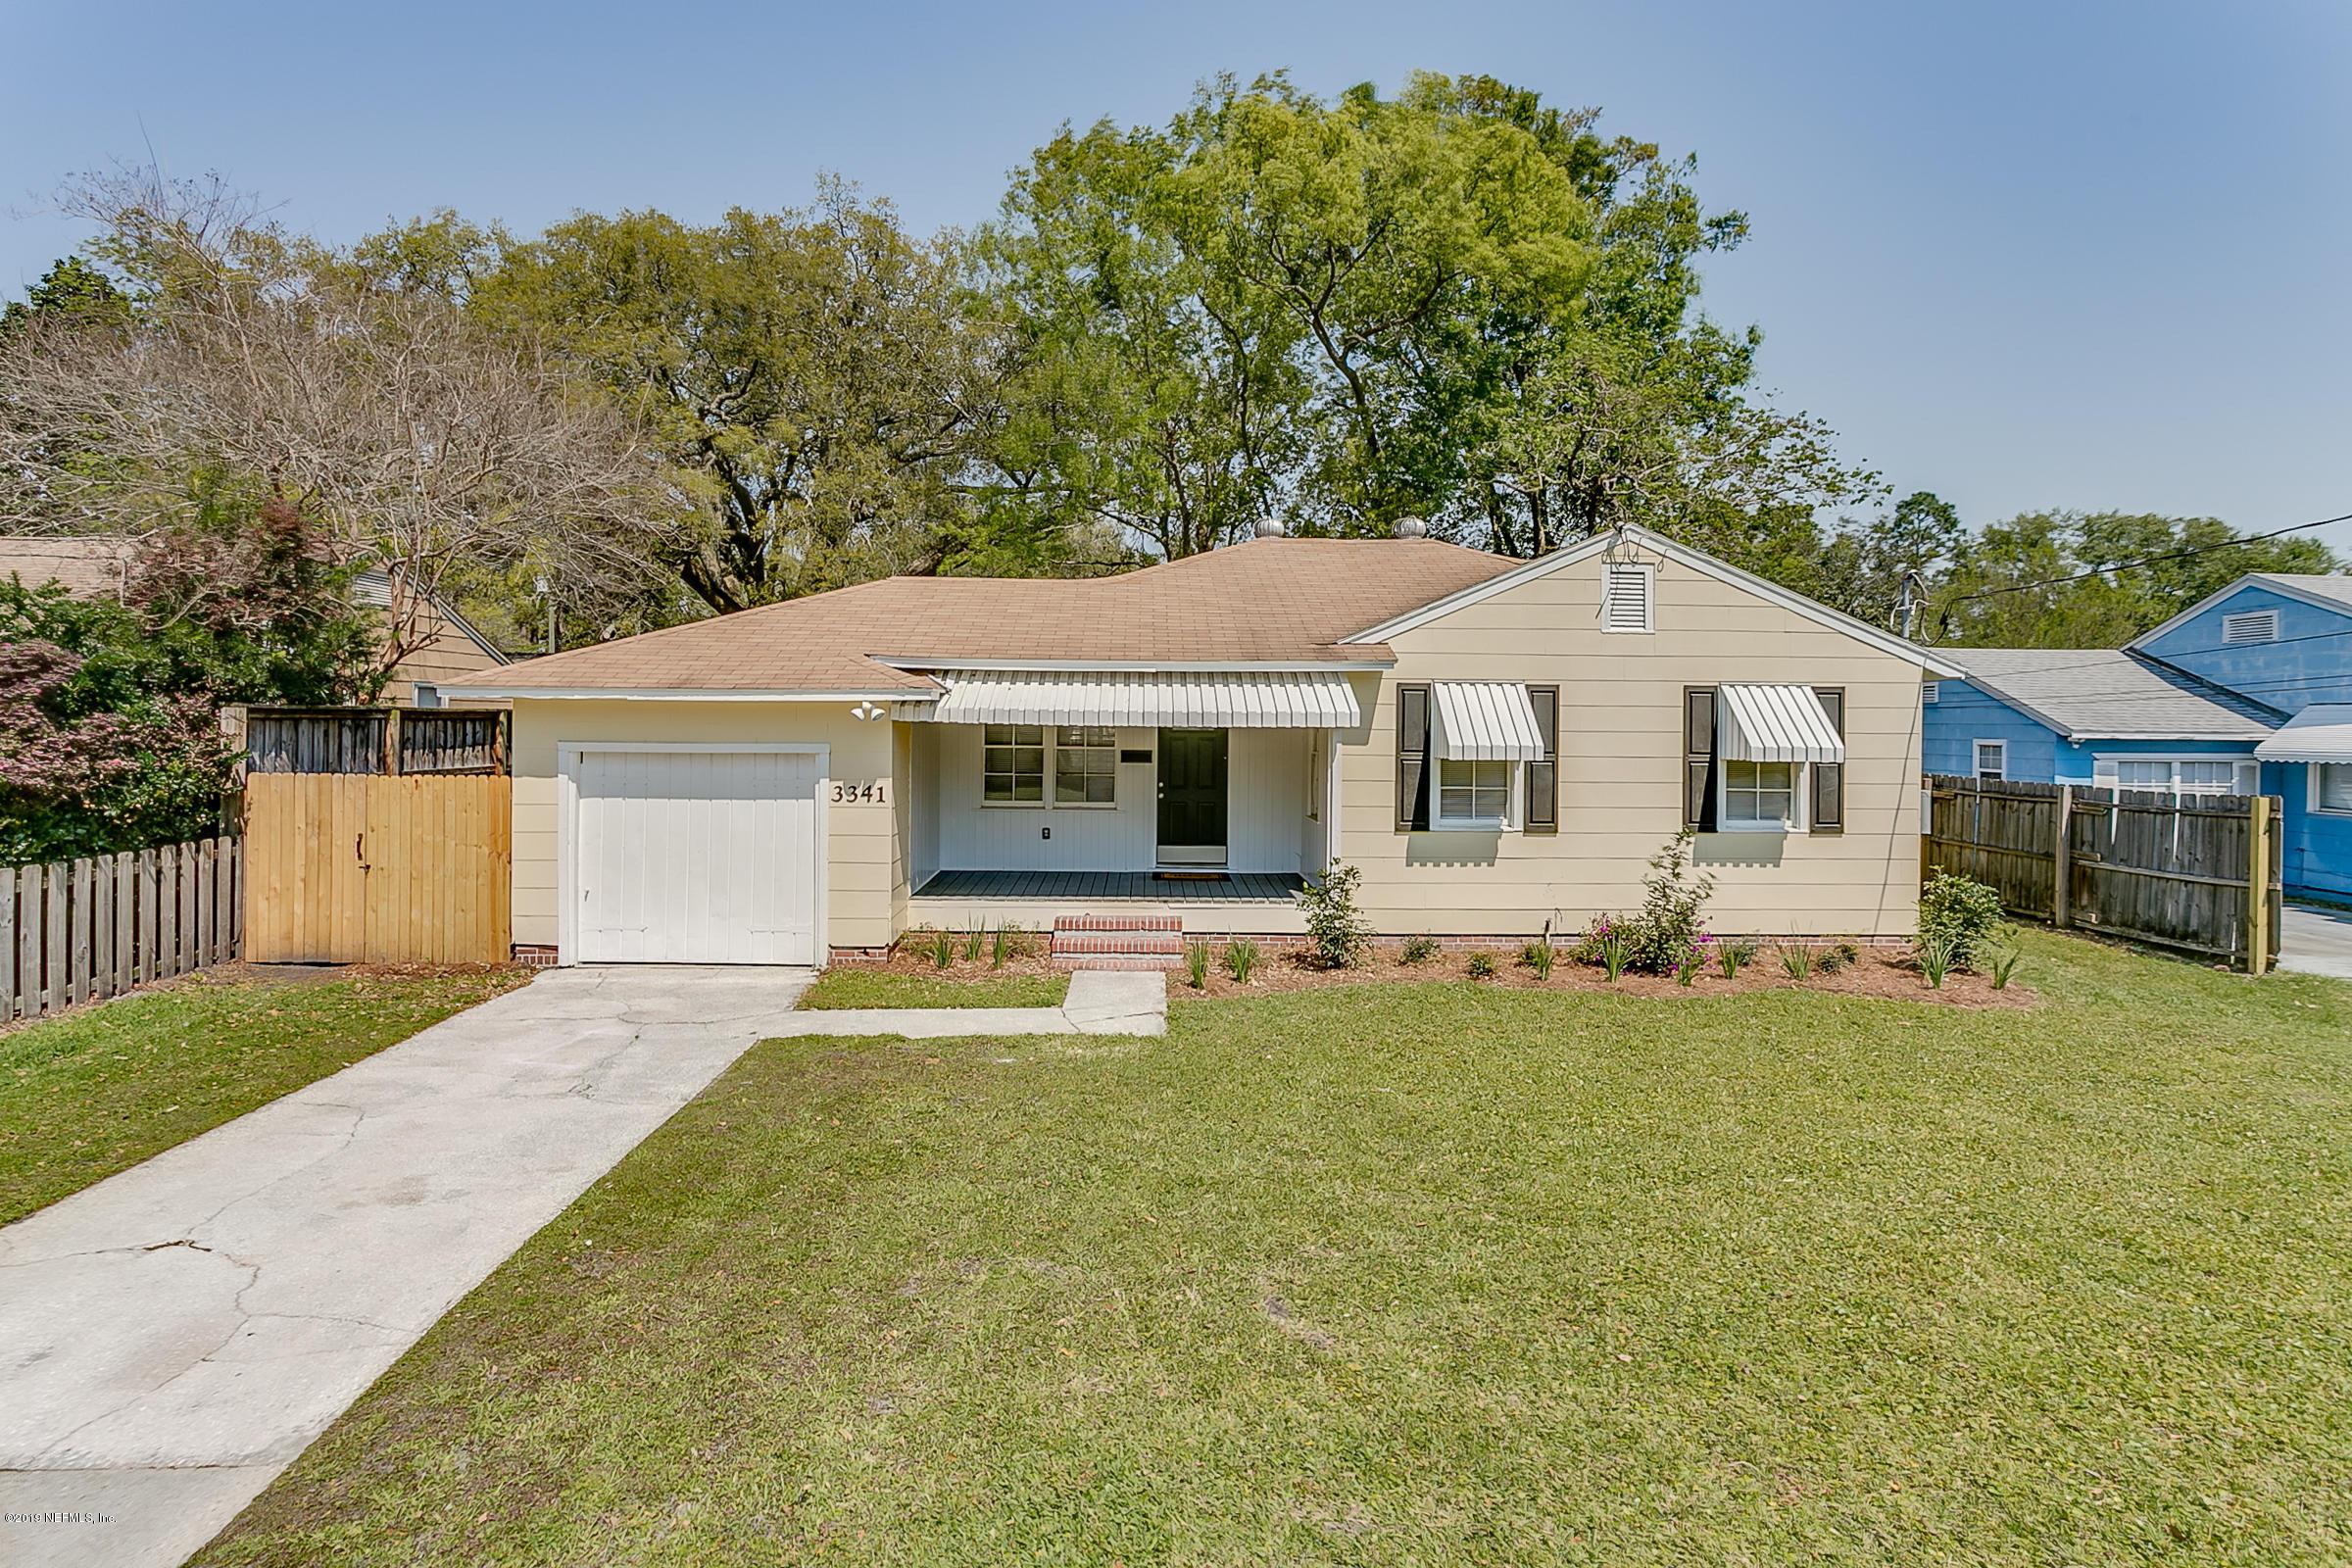 Photo of 3341 SEVILLE, JACKSONVILLE, FL 32207